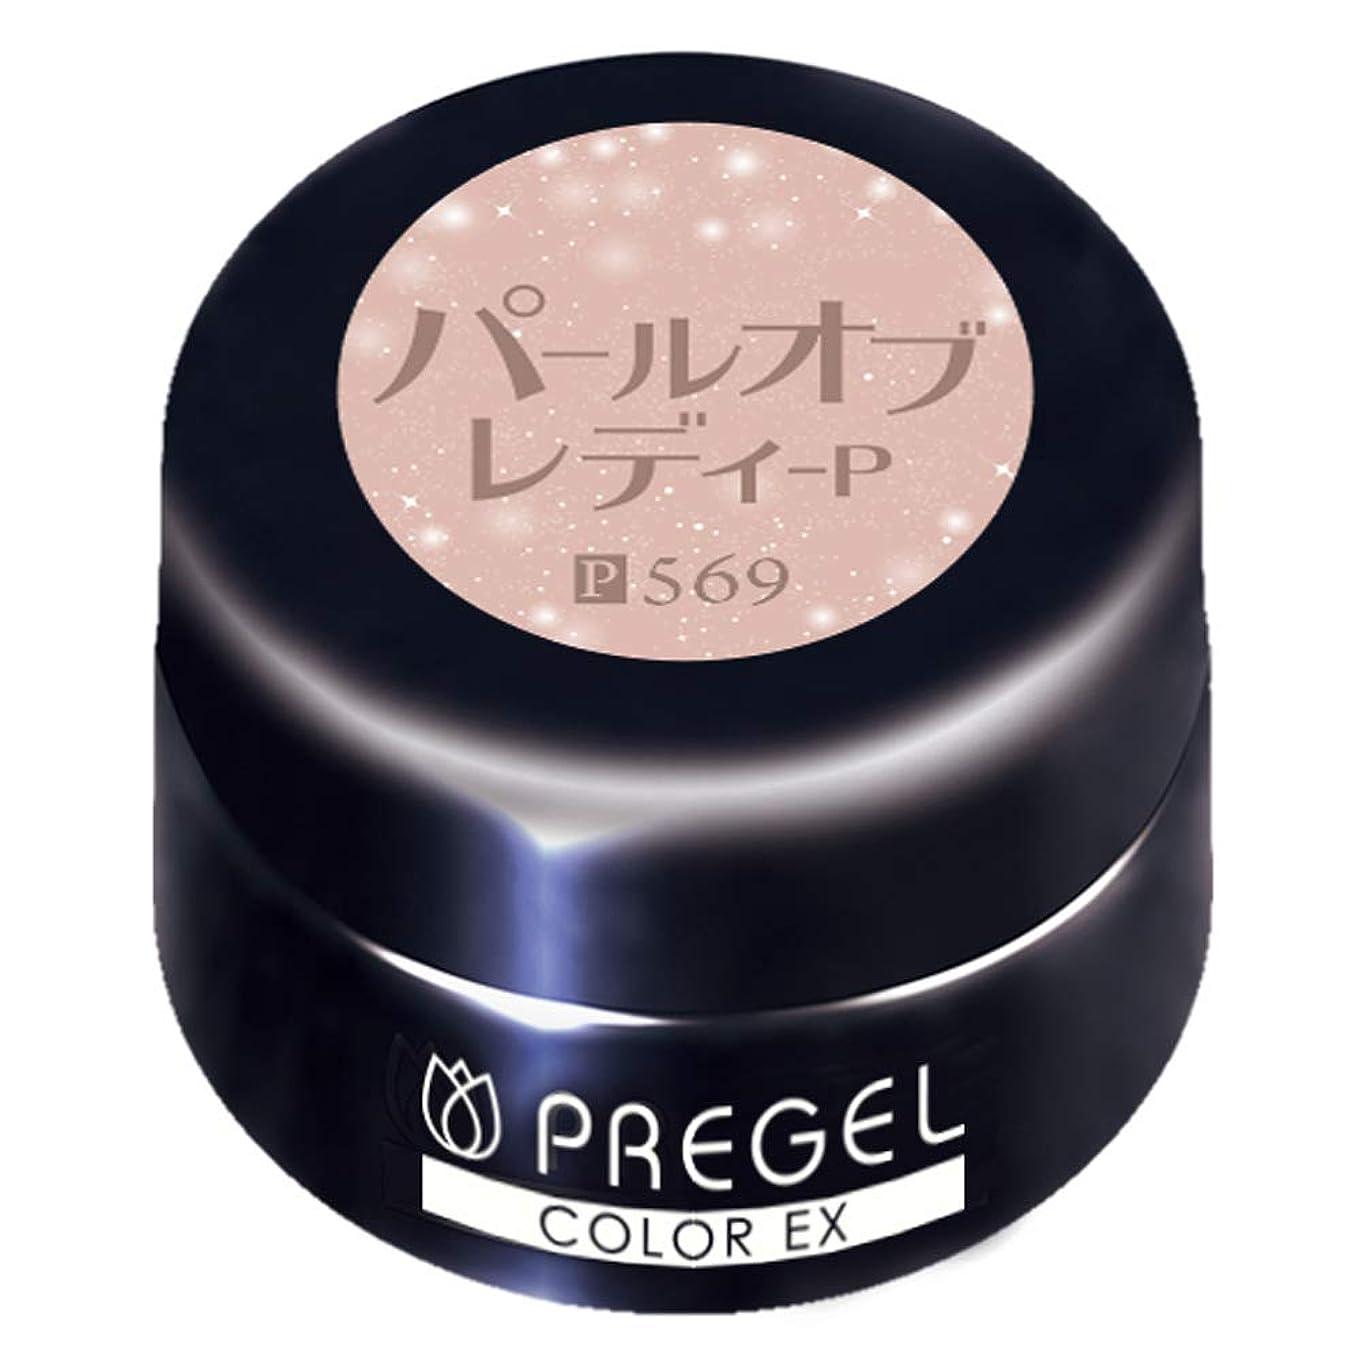 財産製造制限されたPRE GEL カラージェル カラーEX パールオブレディ-P 3g PG-CE569 UV/LED対応